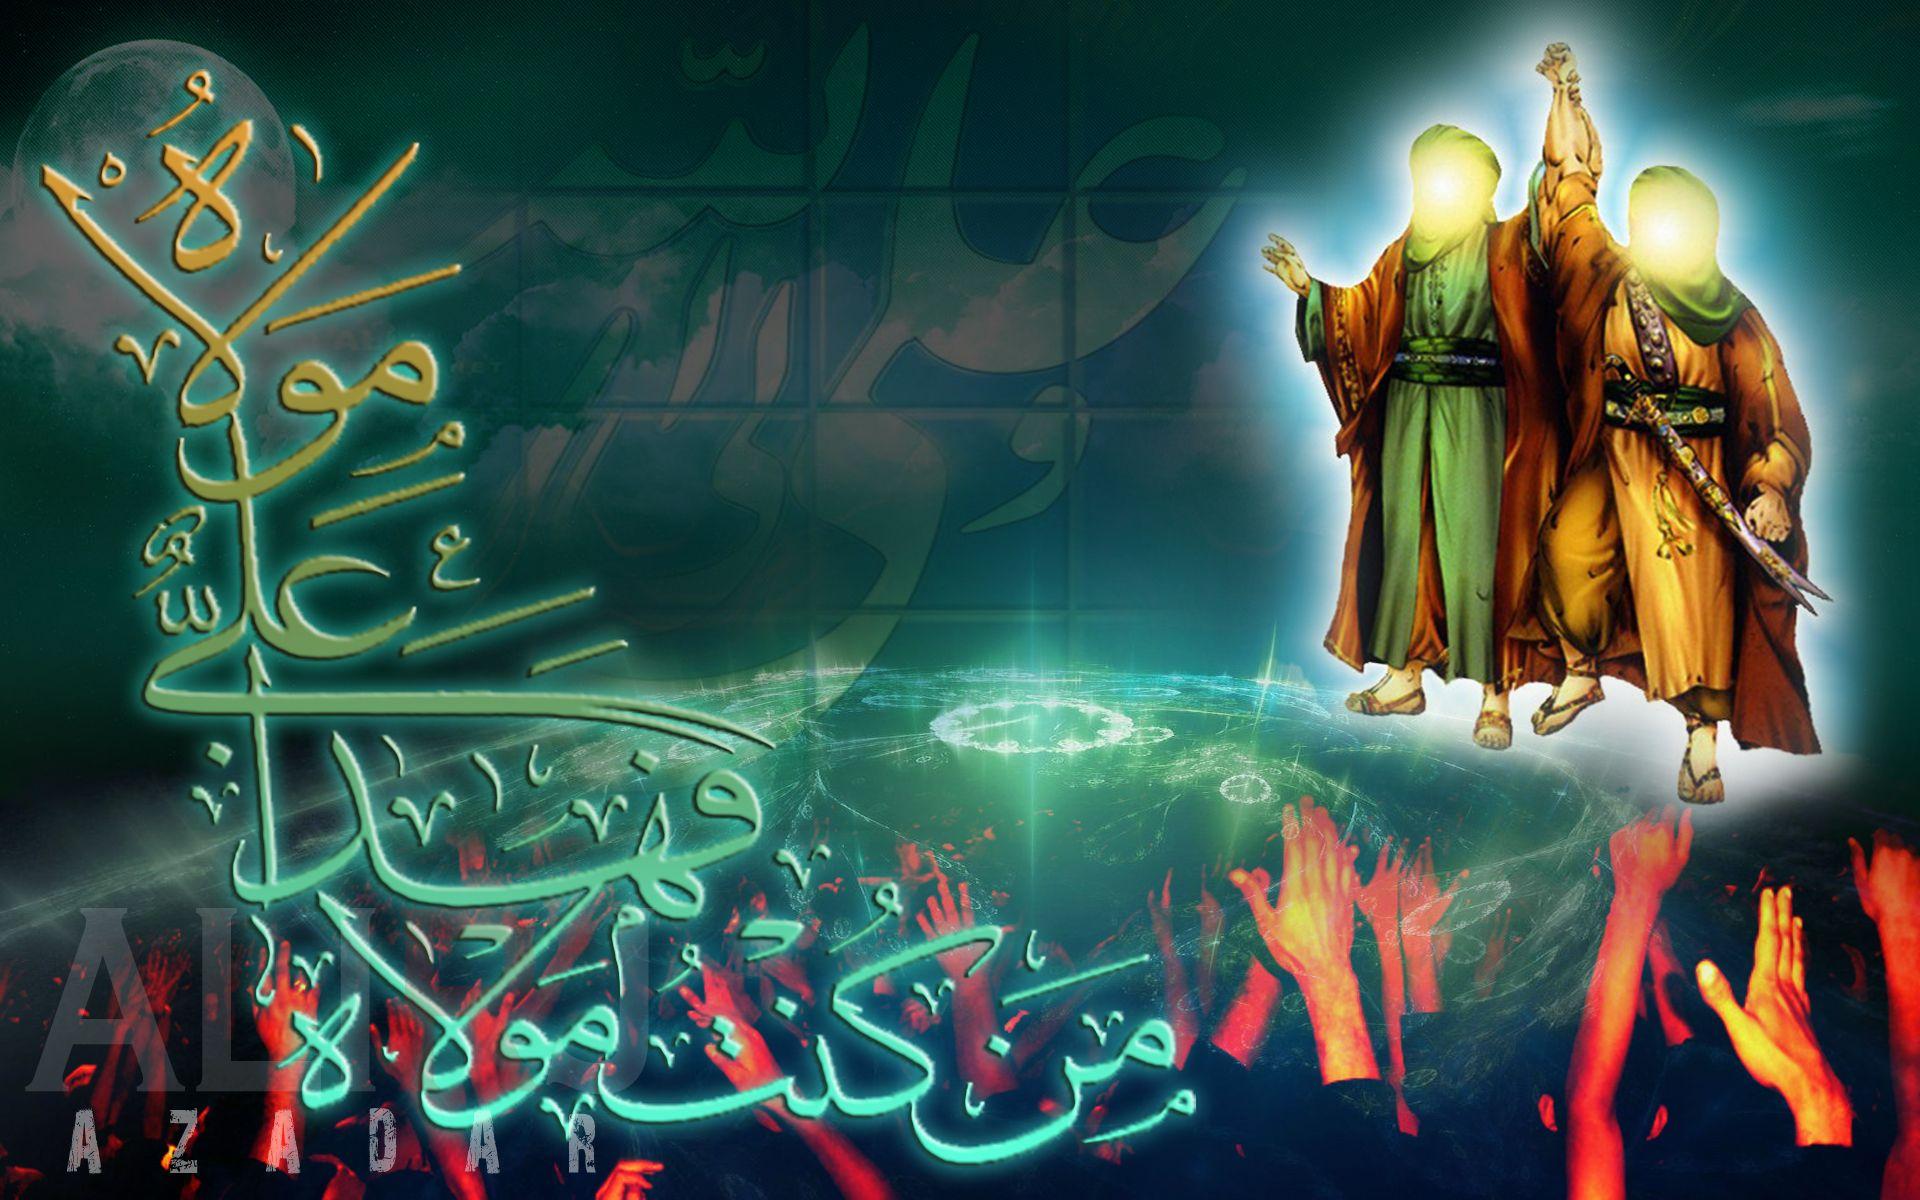 Eid E Ghadeer Mubarik Wallpapers Islamic Art Calligraphy Calligraphy Wallpaper Islamic Art